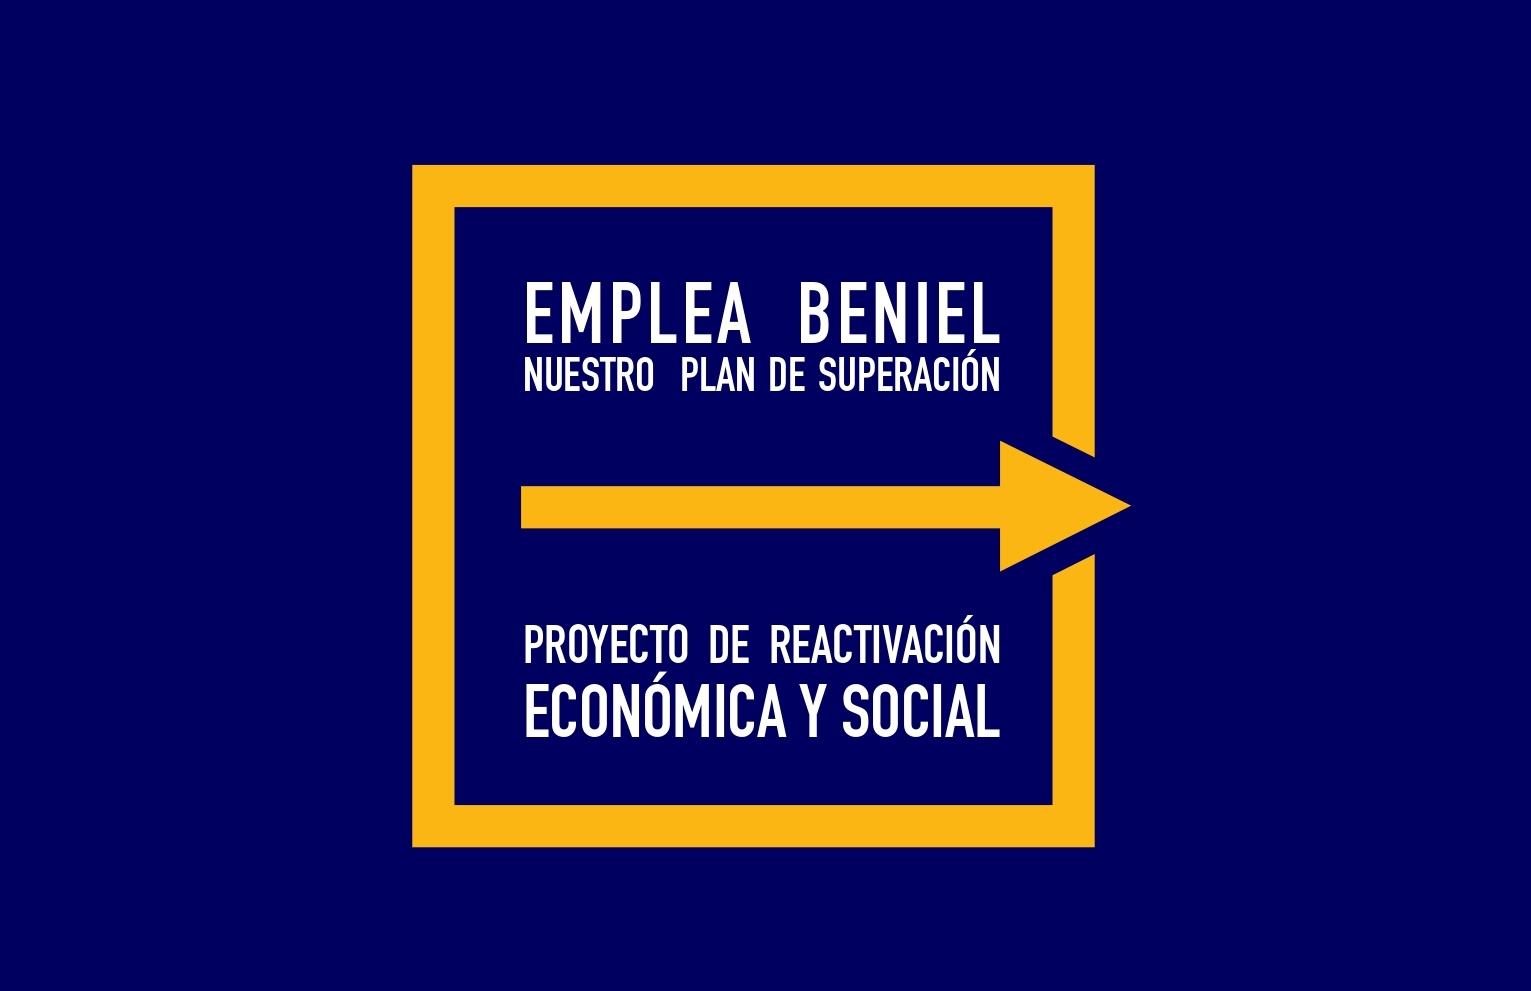 Nueva convocatoria de ayudas municipales directas para el sector del comercio – EmpleaBeniel